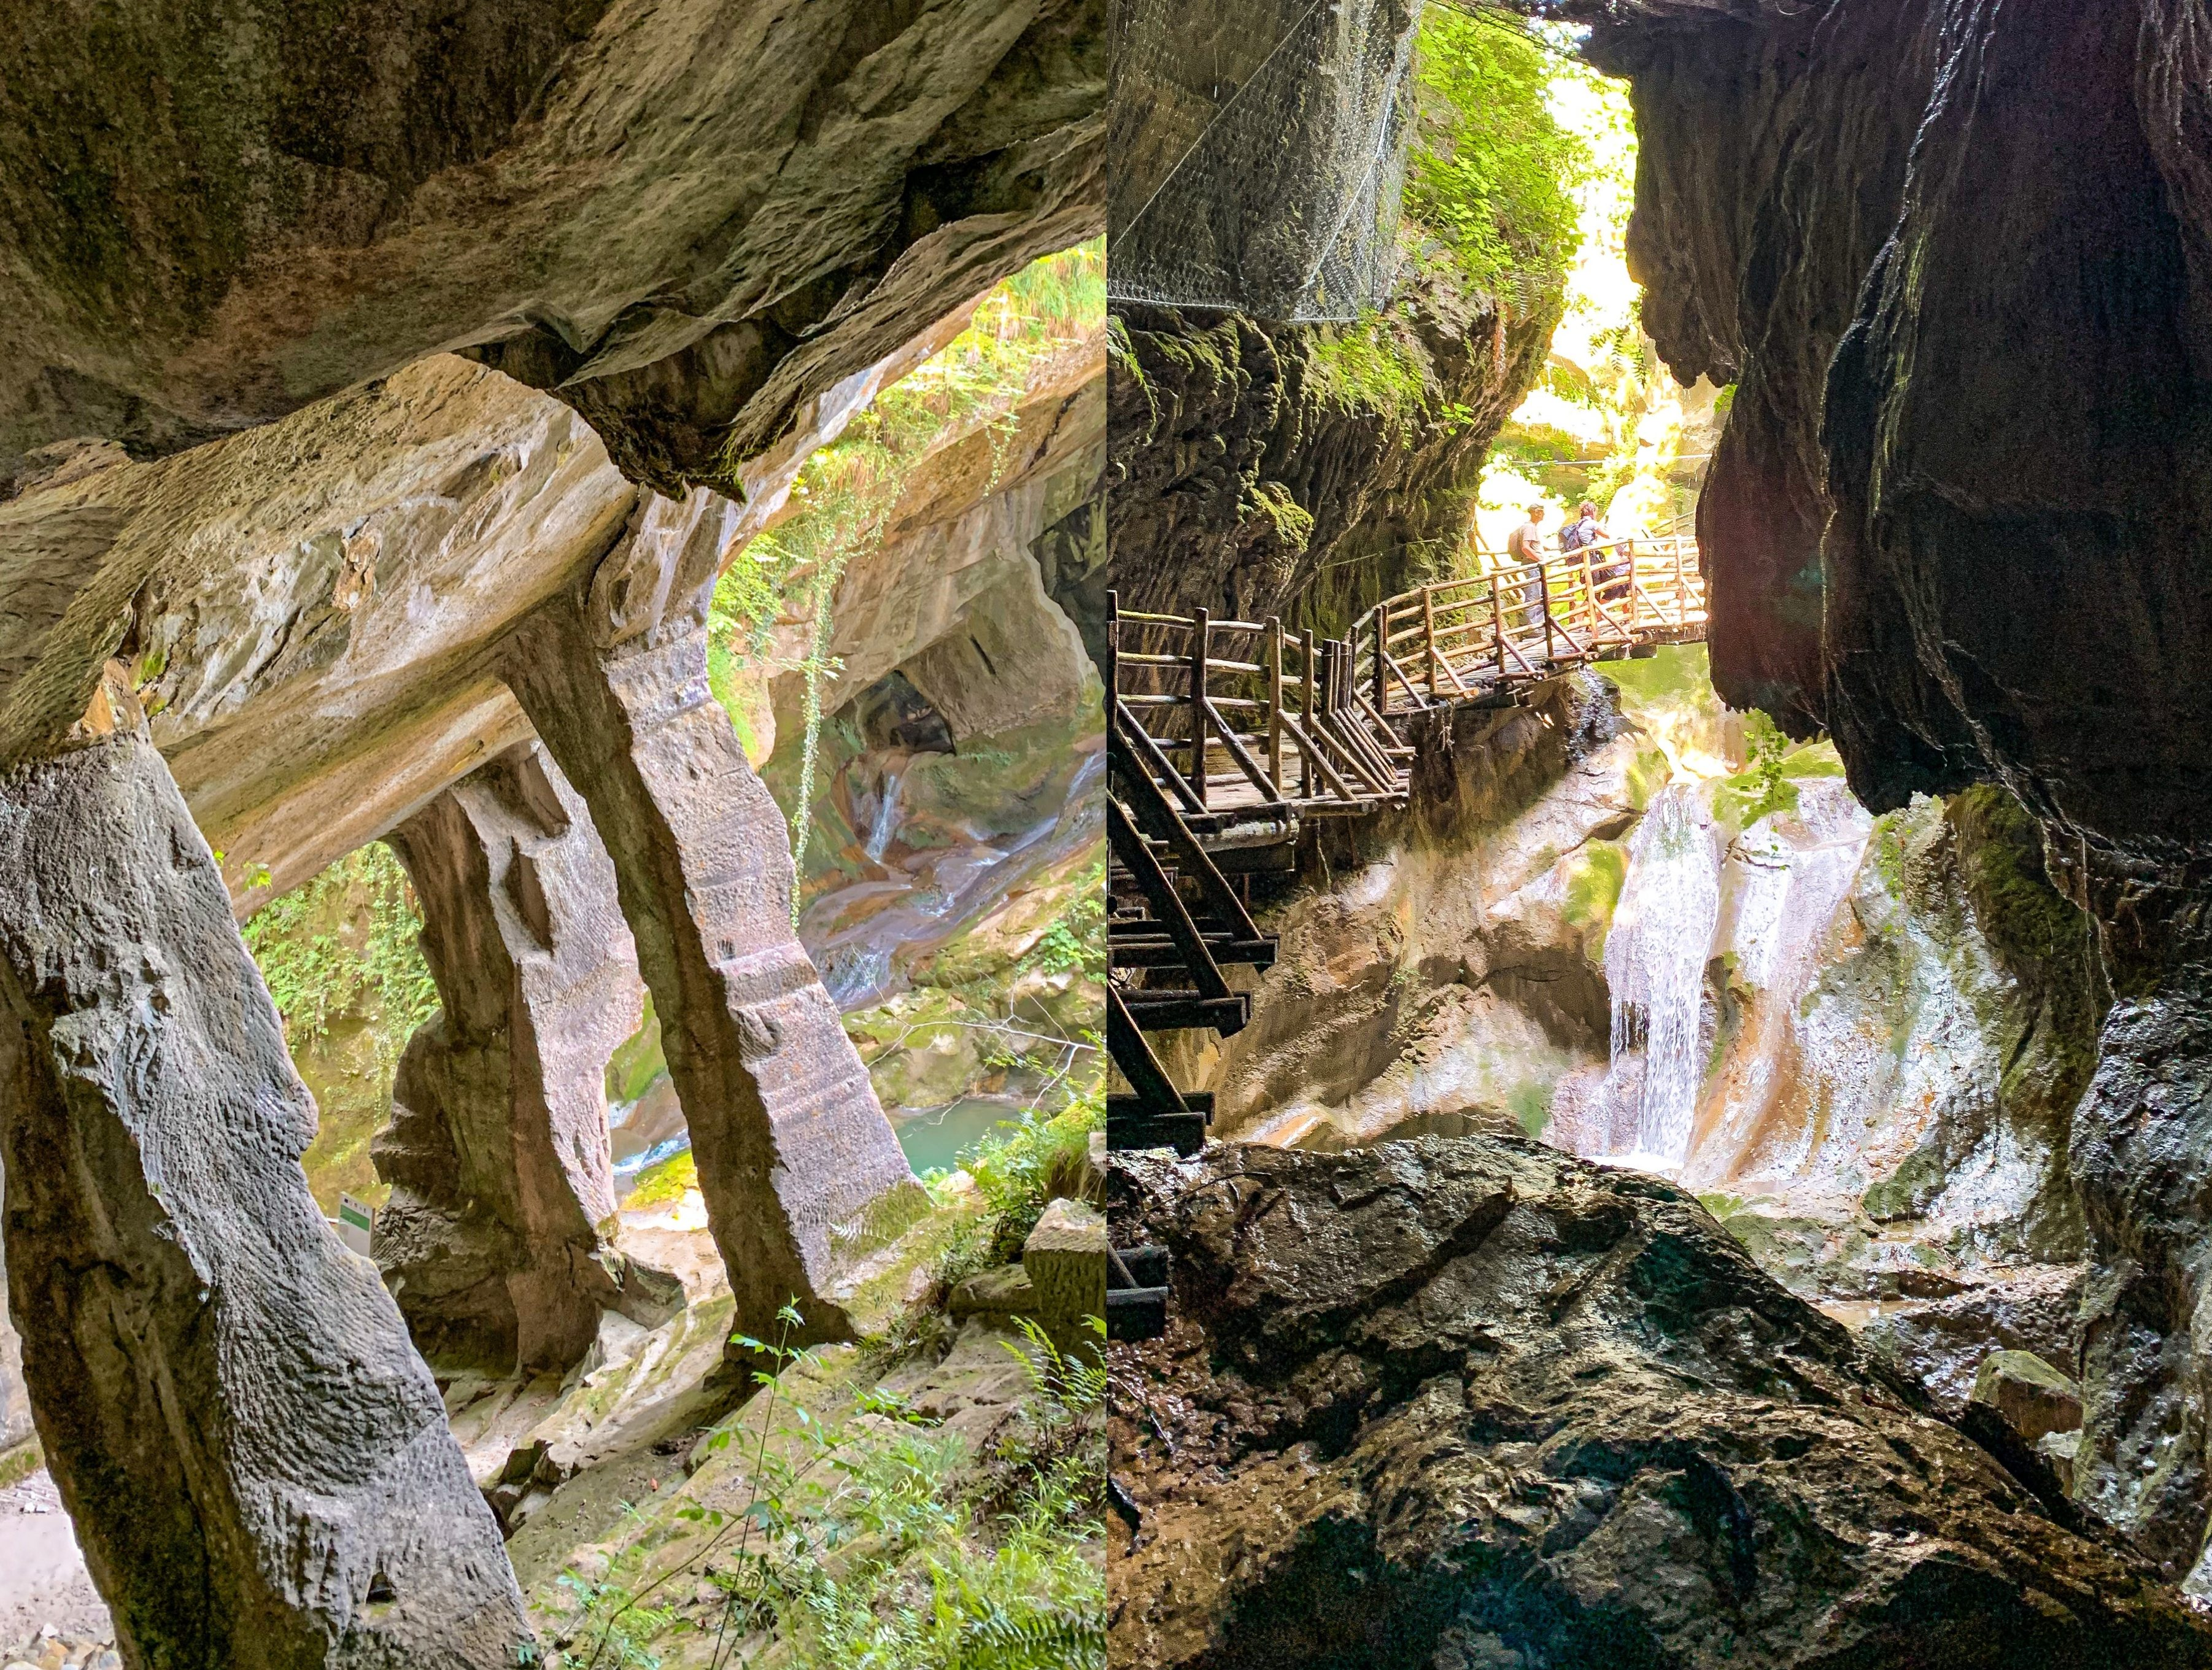 Grotte del Caglieron: un canyon, cascate e corsi d'acqua